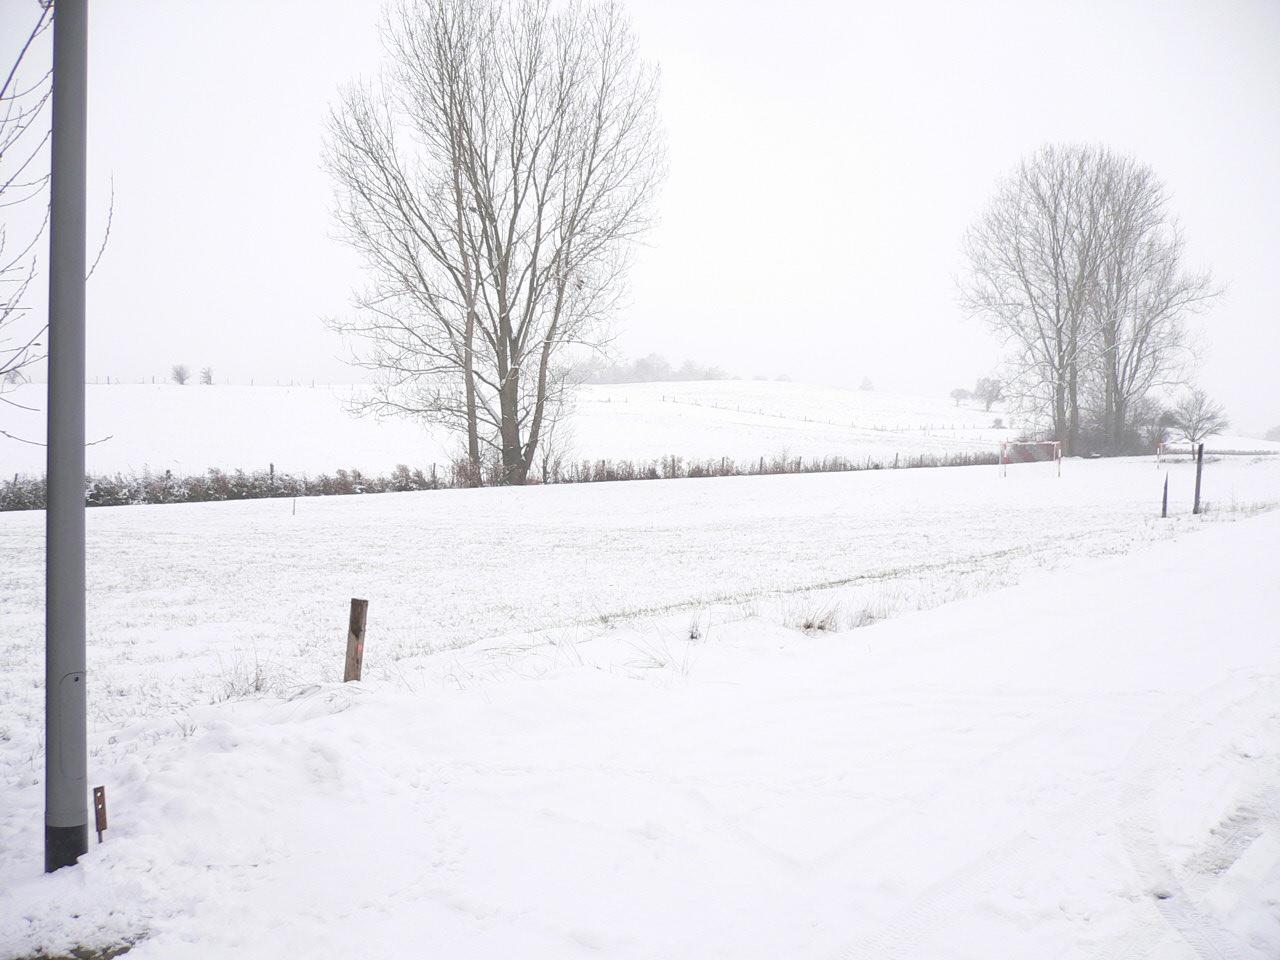 Danwood Haus Park 128P bei Idar Oberstein Dezember 2010